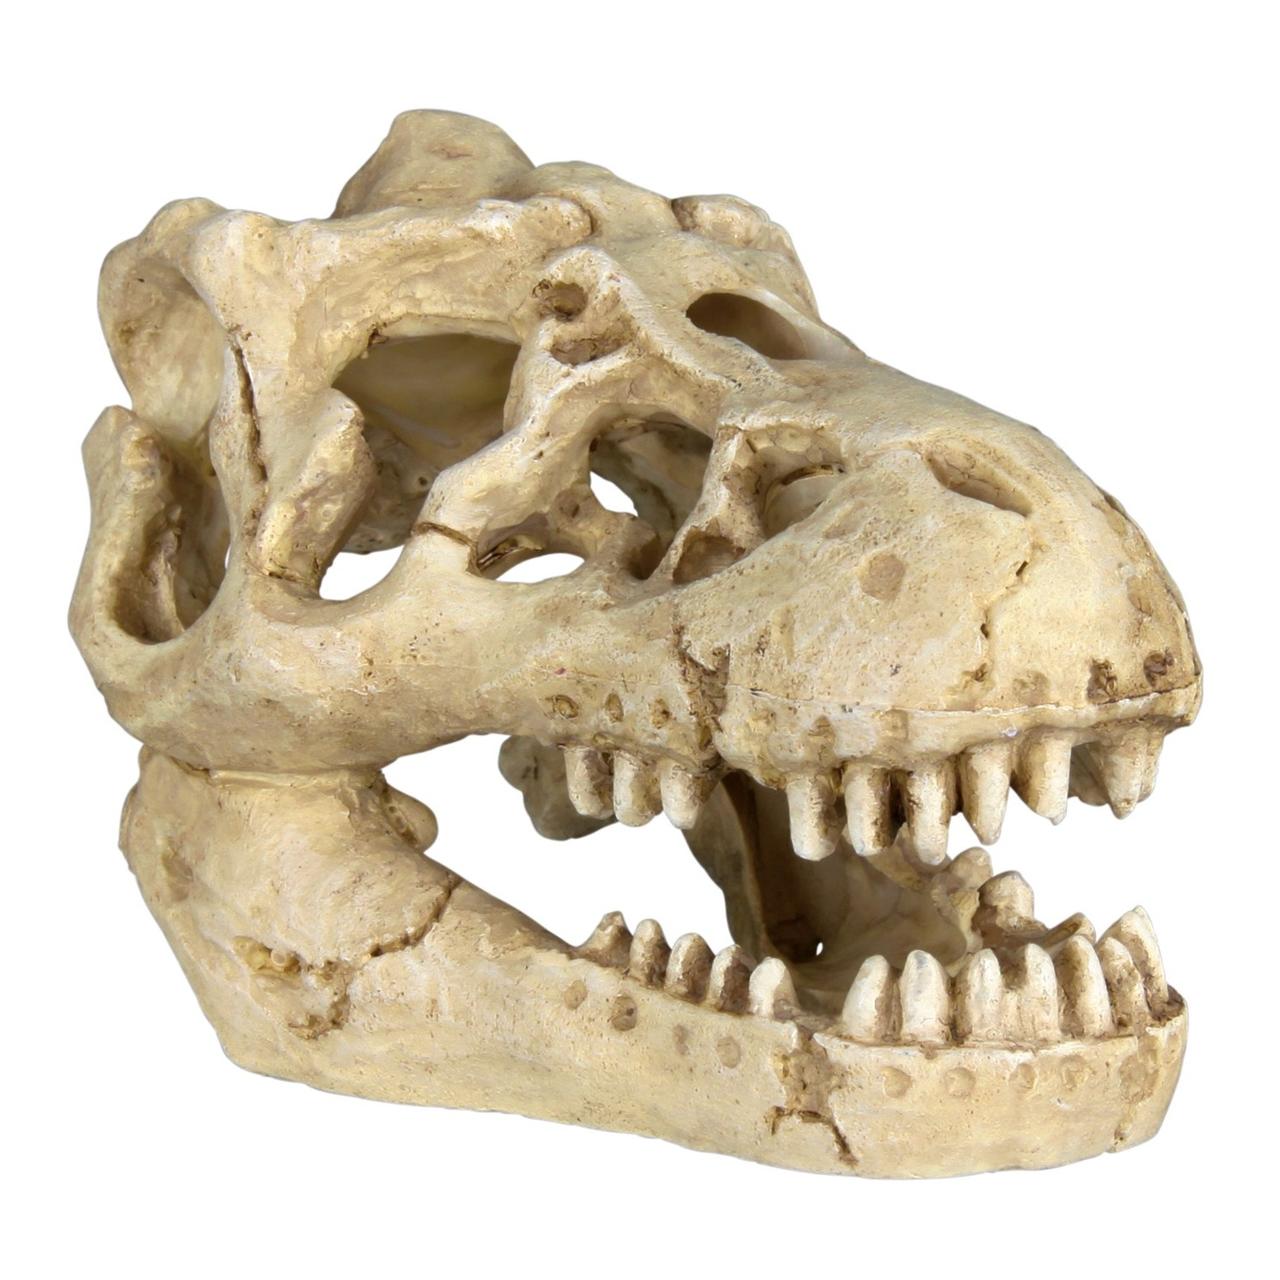 Декорація для акваріума Trixie Черепа тварин 8-11 см, набір 6 шт. (поліефірна)